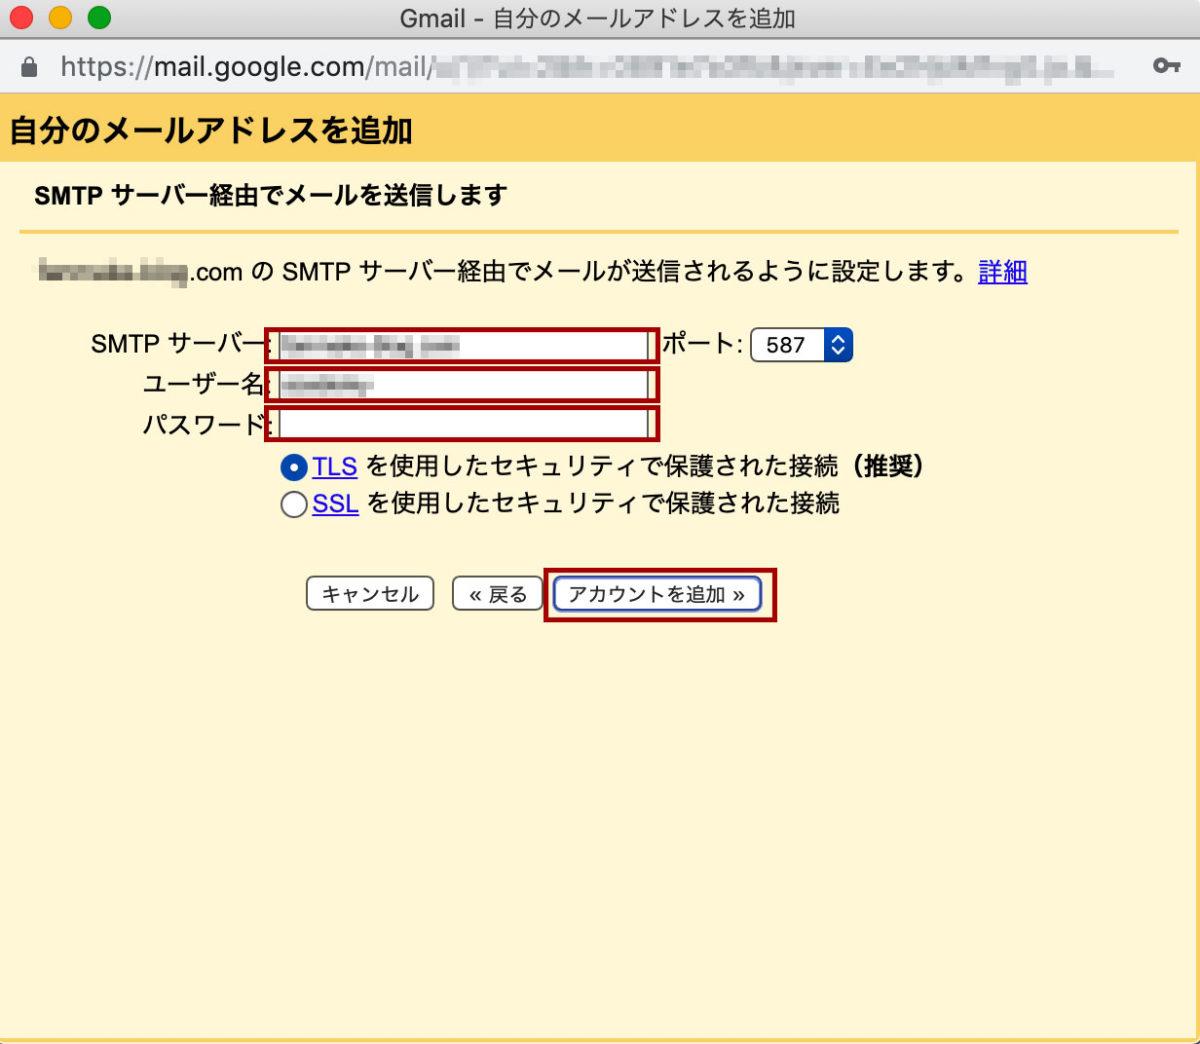 SMTP サーバー経由でメールを送信します